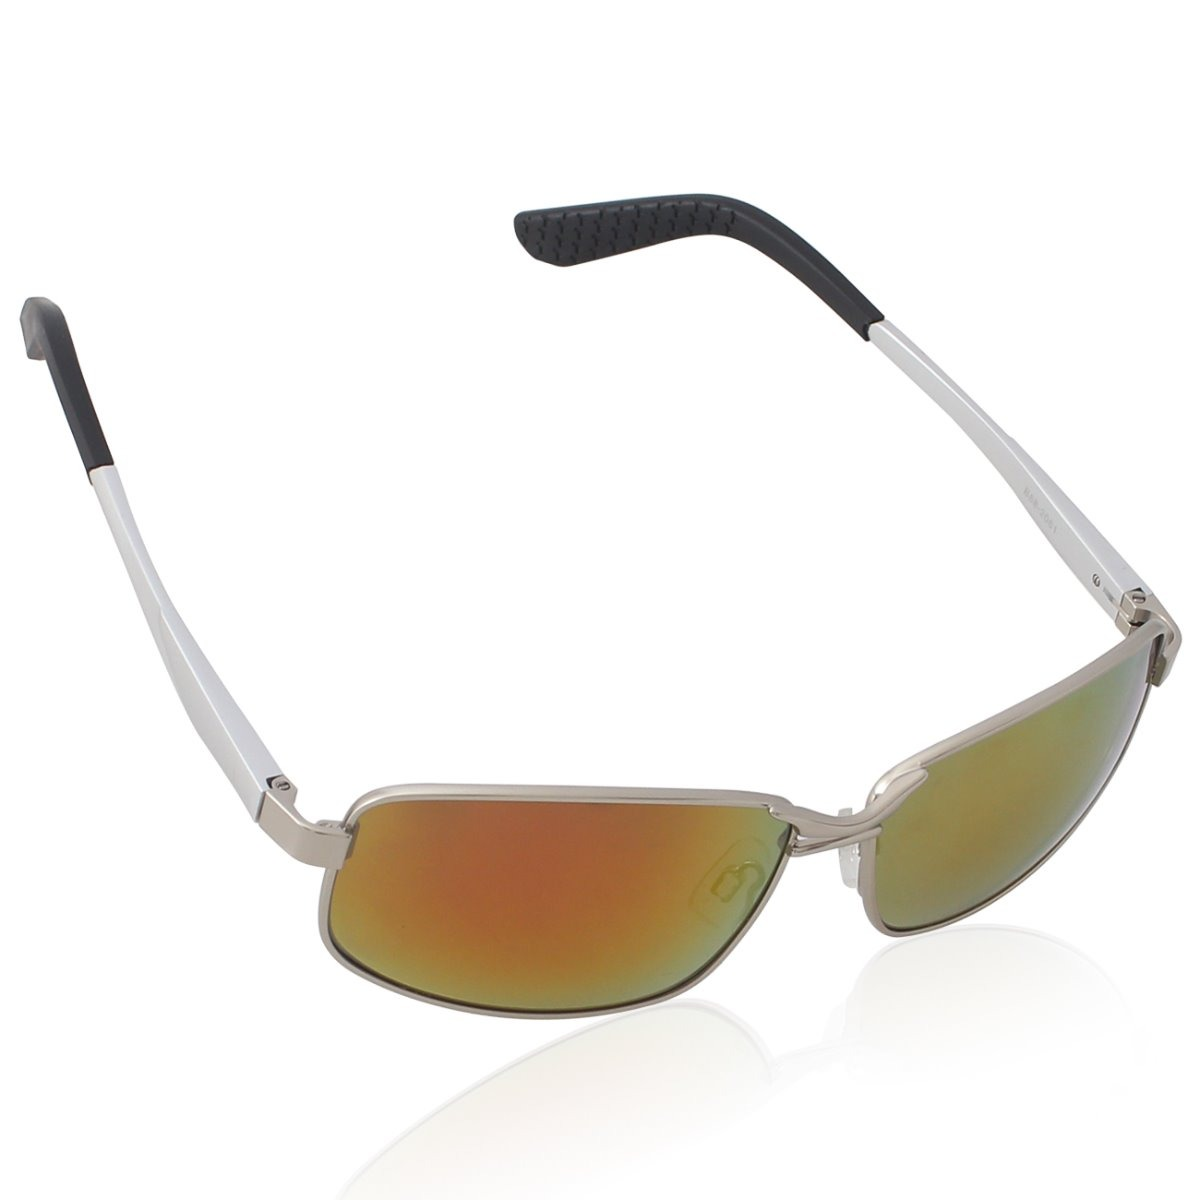 82caa3ce5e4e0 kit oculos de sol masculino esporte estojo clip proteção uv. Carregando  zoom.